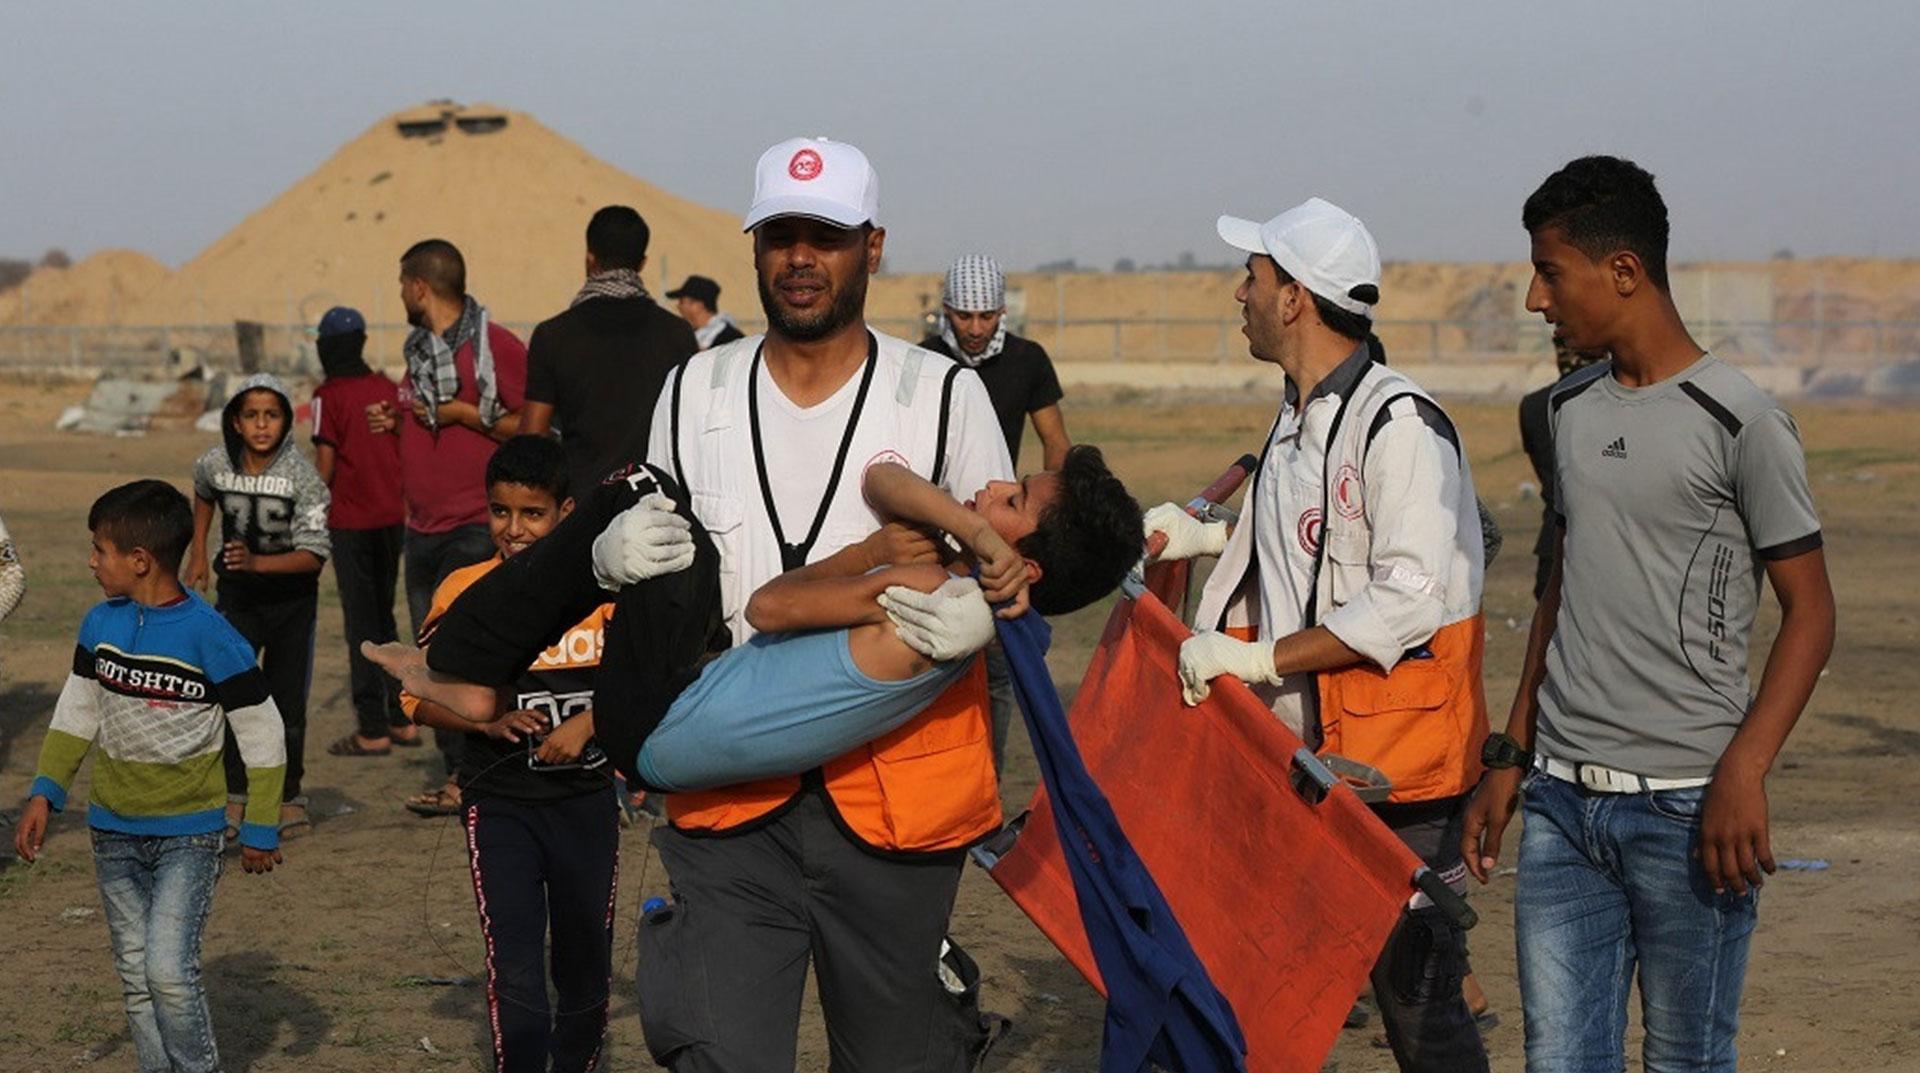 İşgal Yönetimi Ateş Saçtı! Büyük Dönüş'ün Cuma Gösterilerinde 69 Filistinli Yaralandı